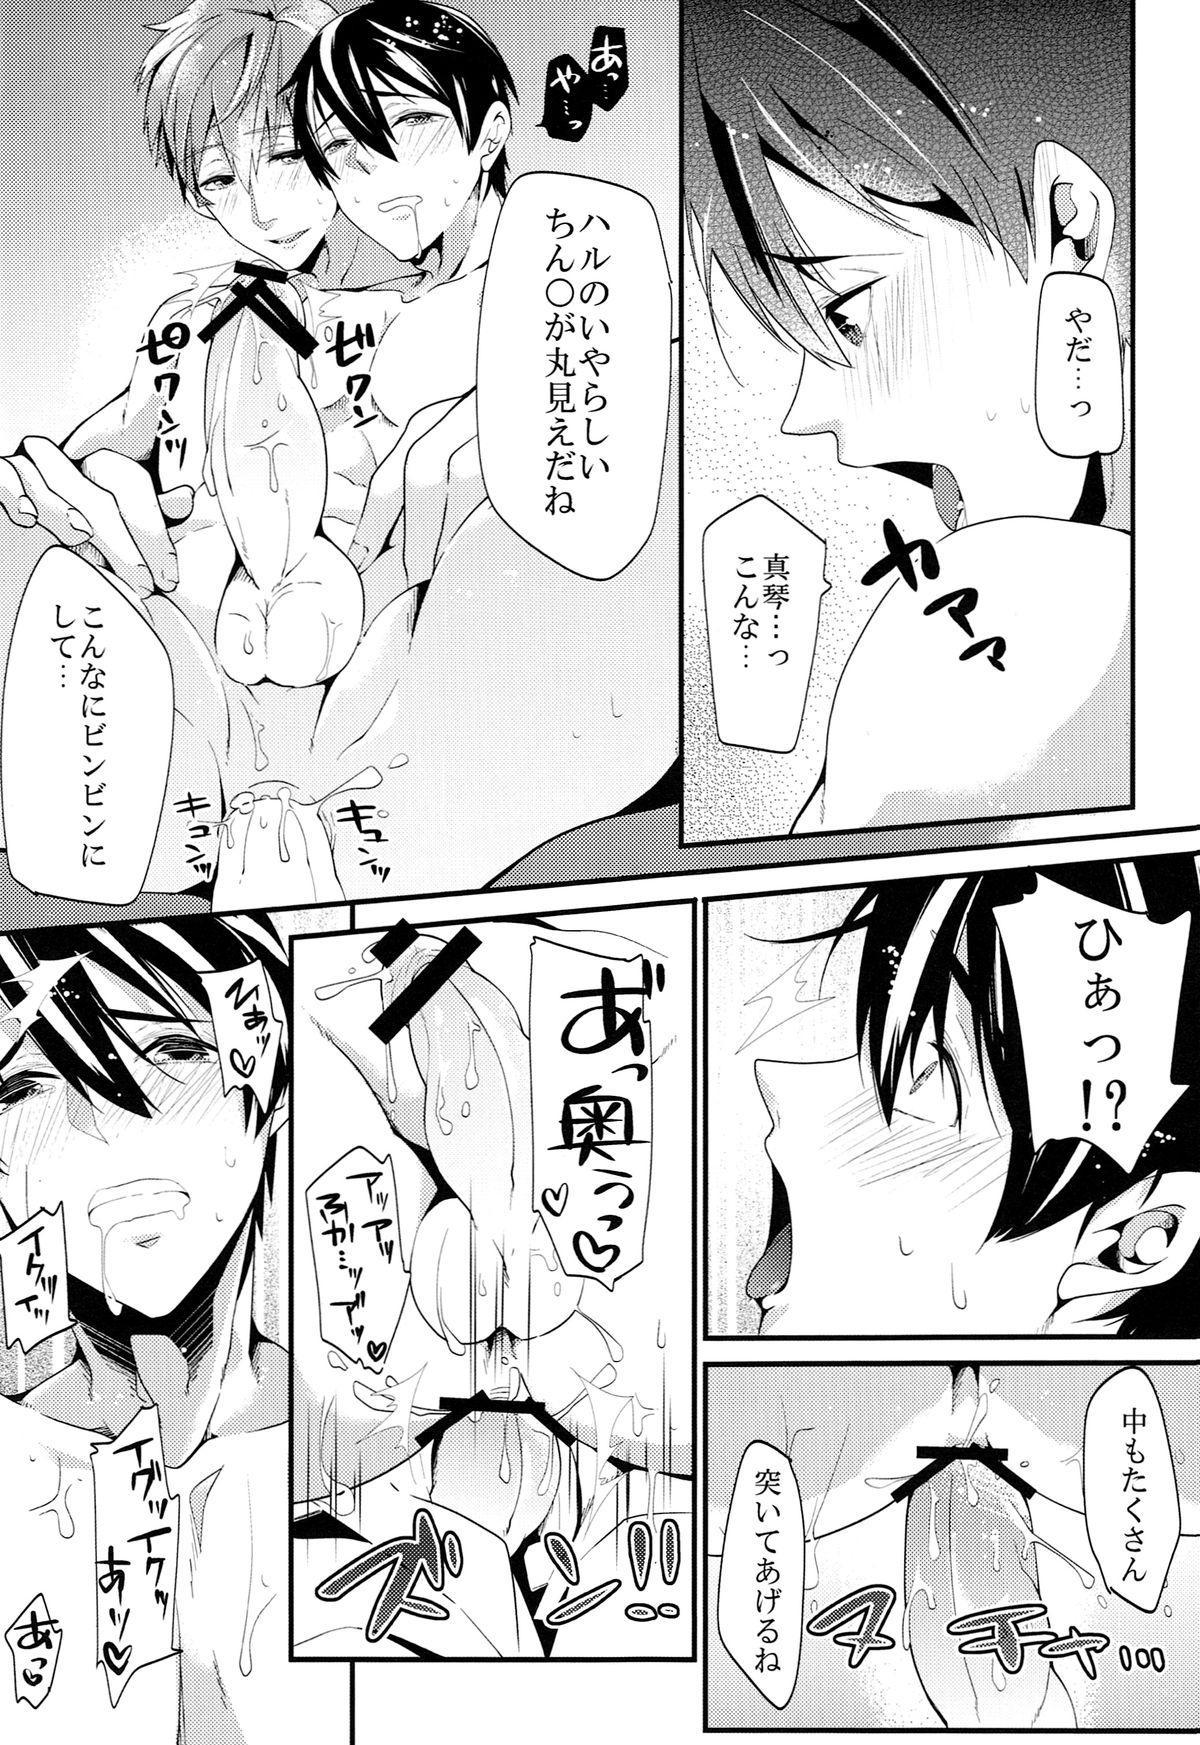 Saimin kakete Haru-chan ni ippai XX suru hon. 18